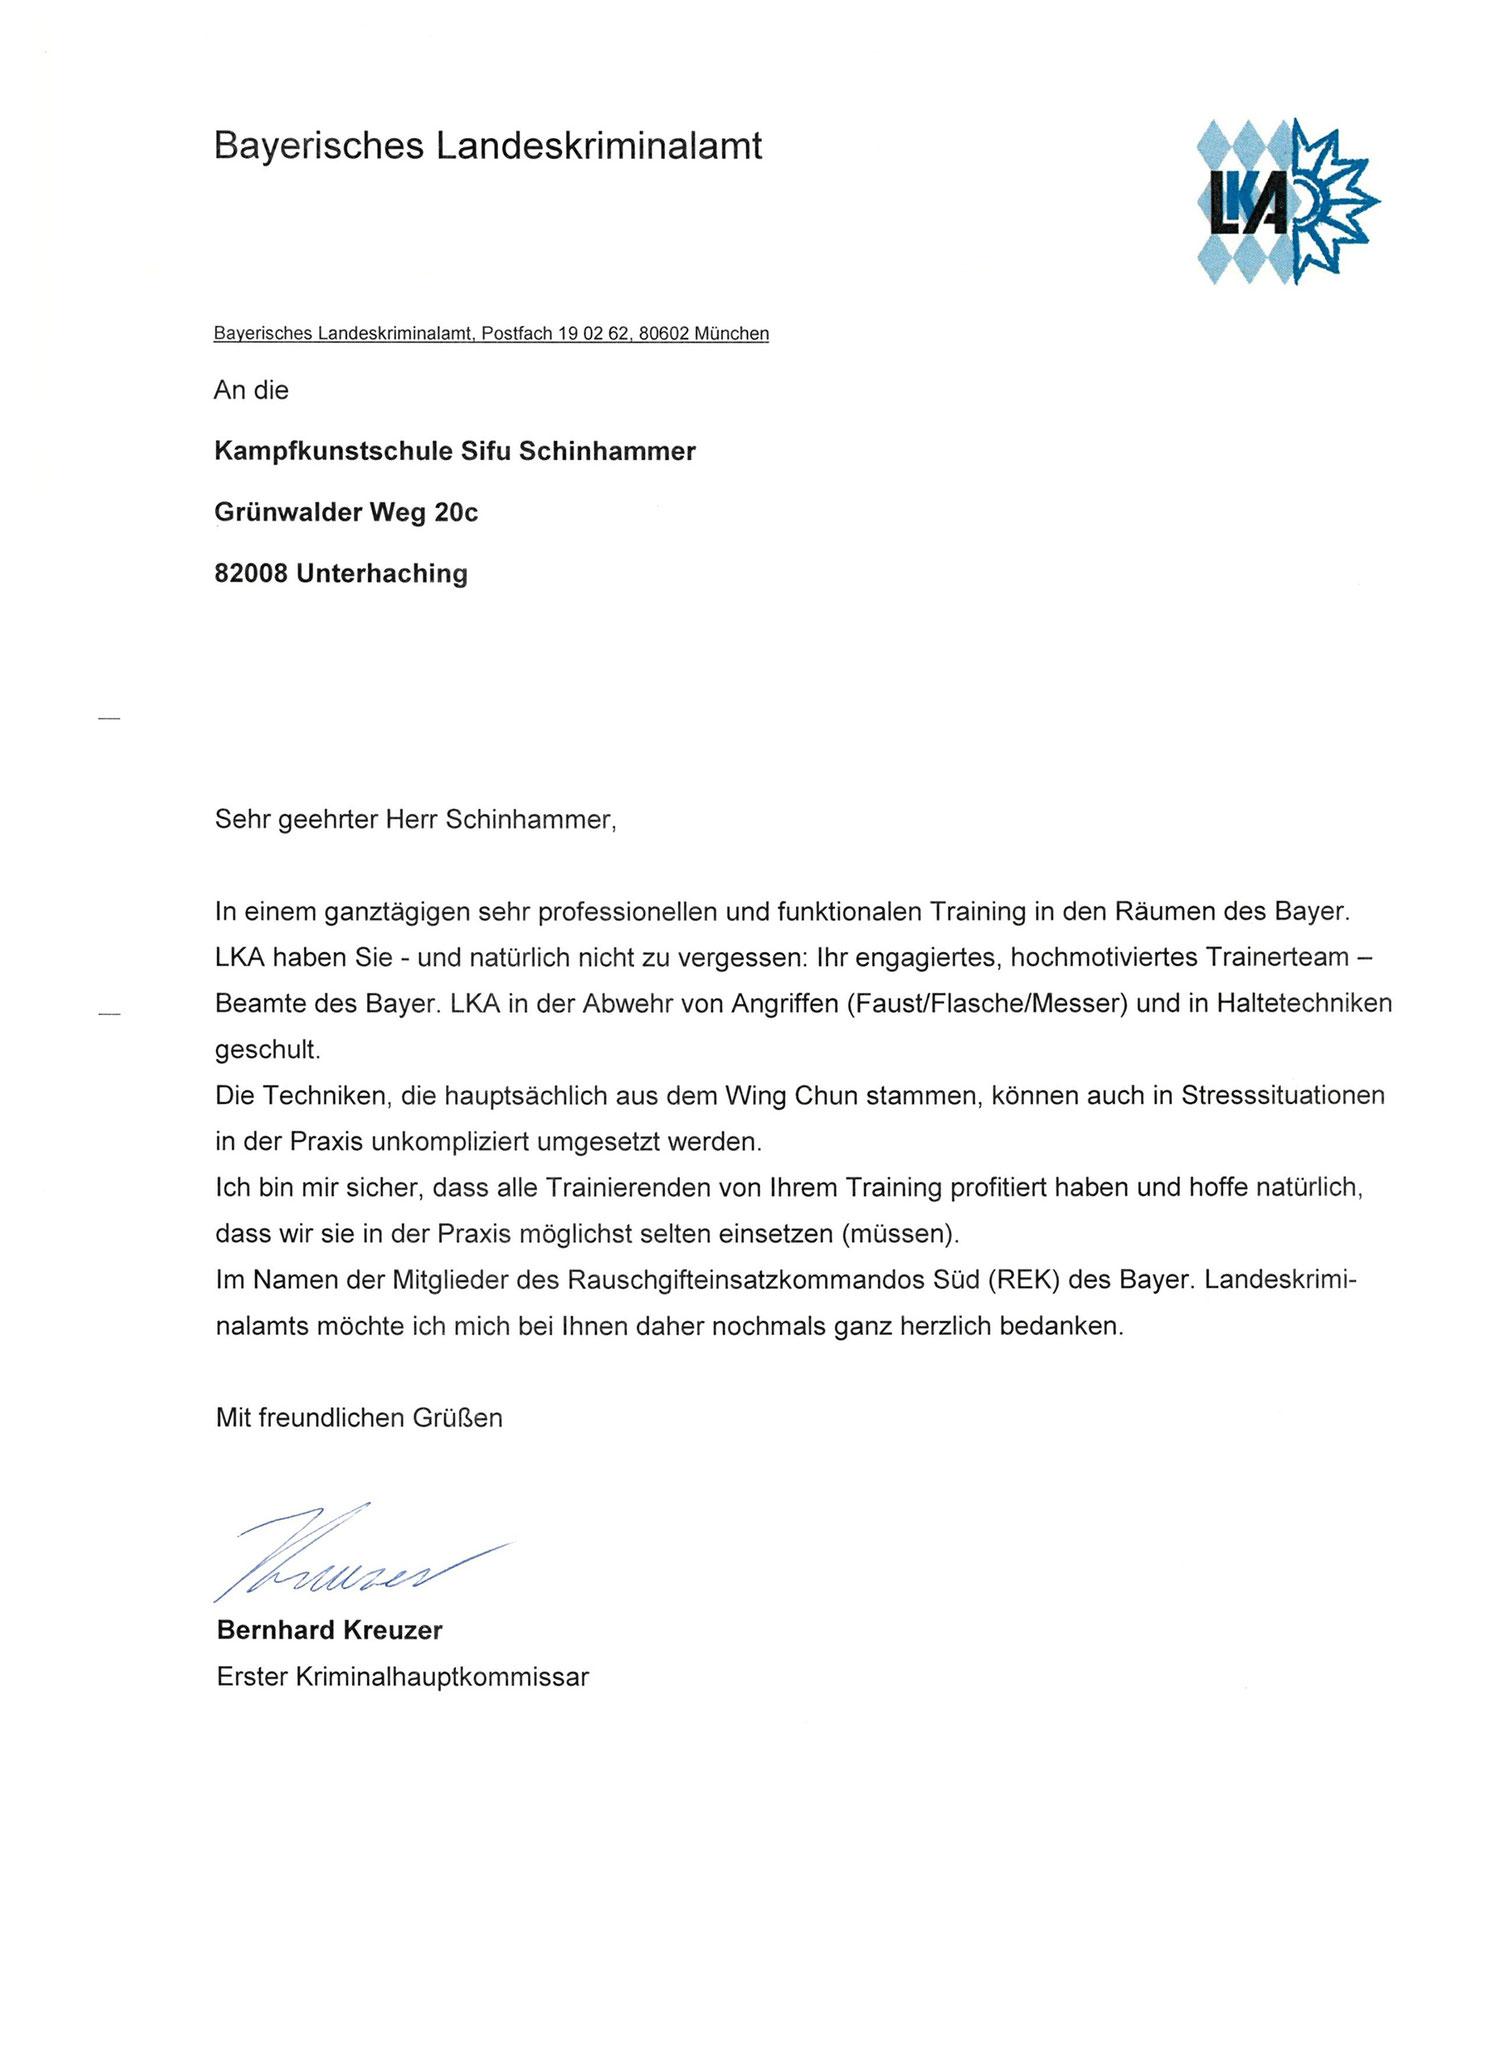 Schreiben BLKA München